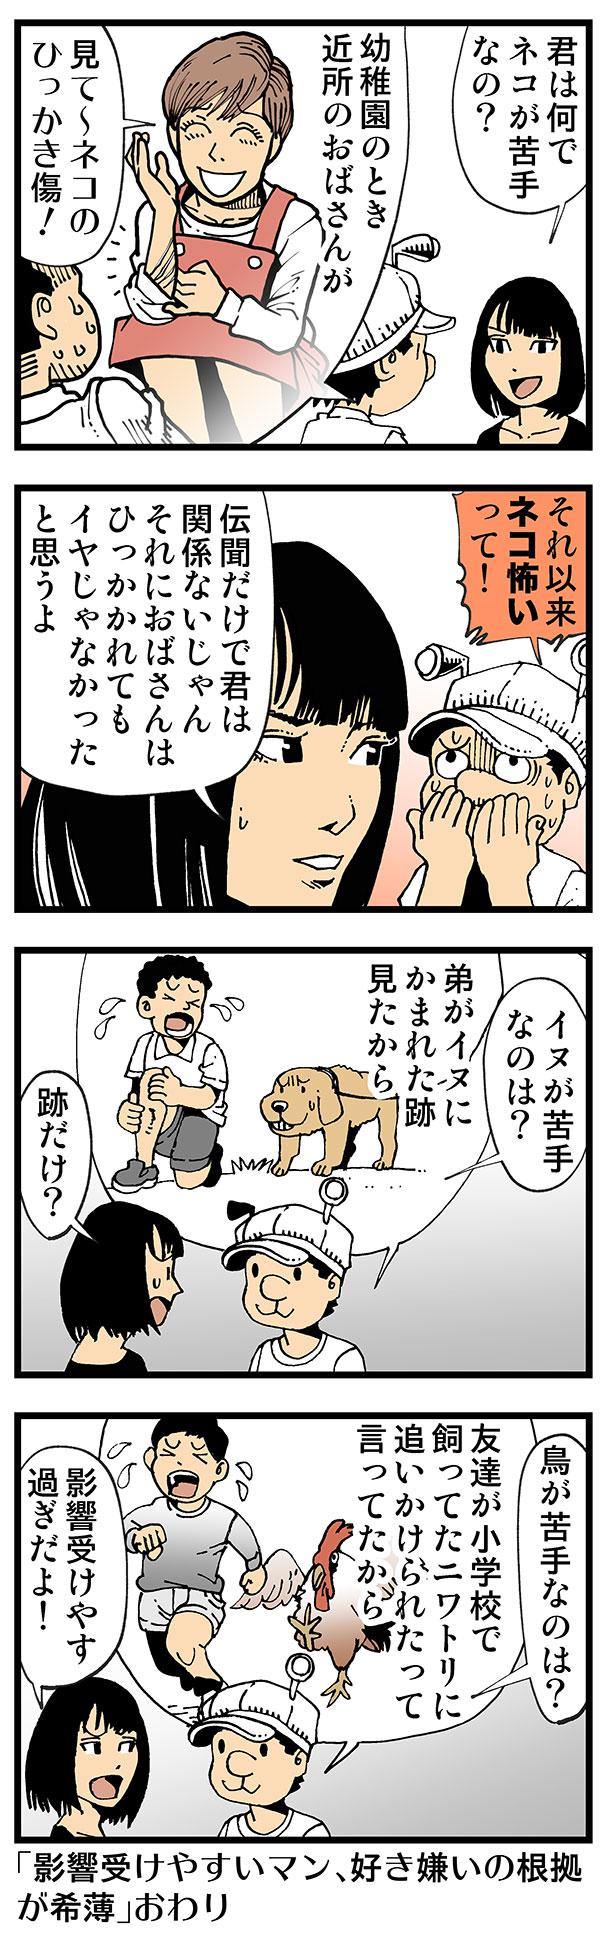 【普通】バーチャルトラウマ作成技術